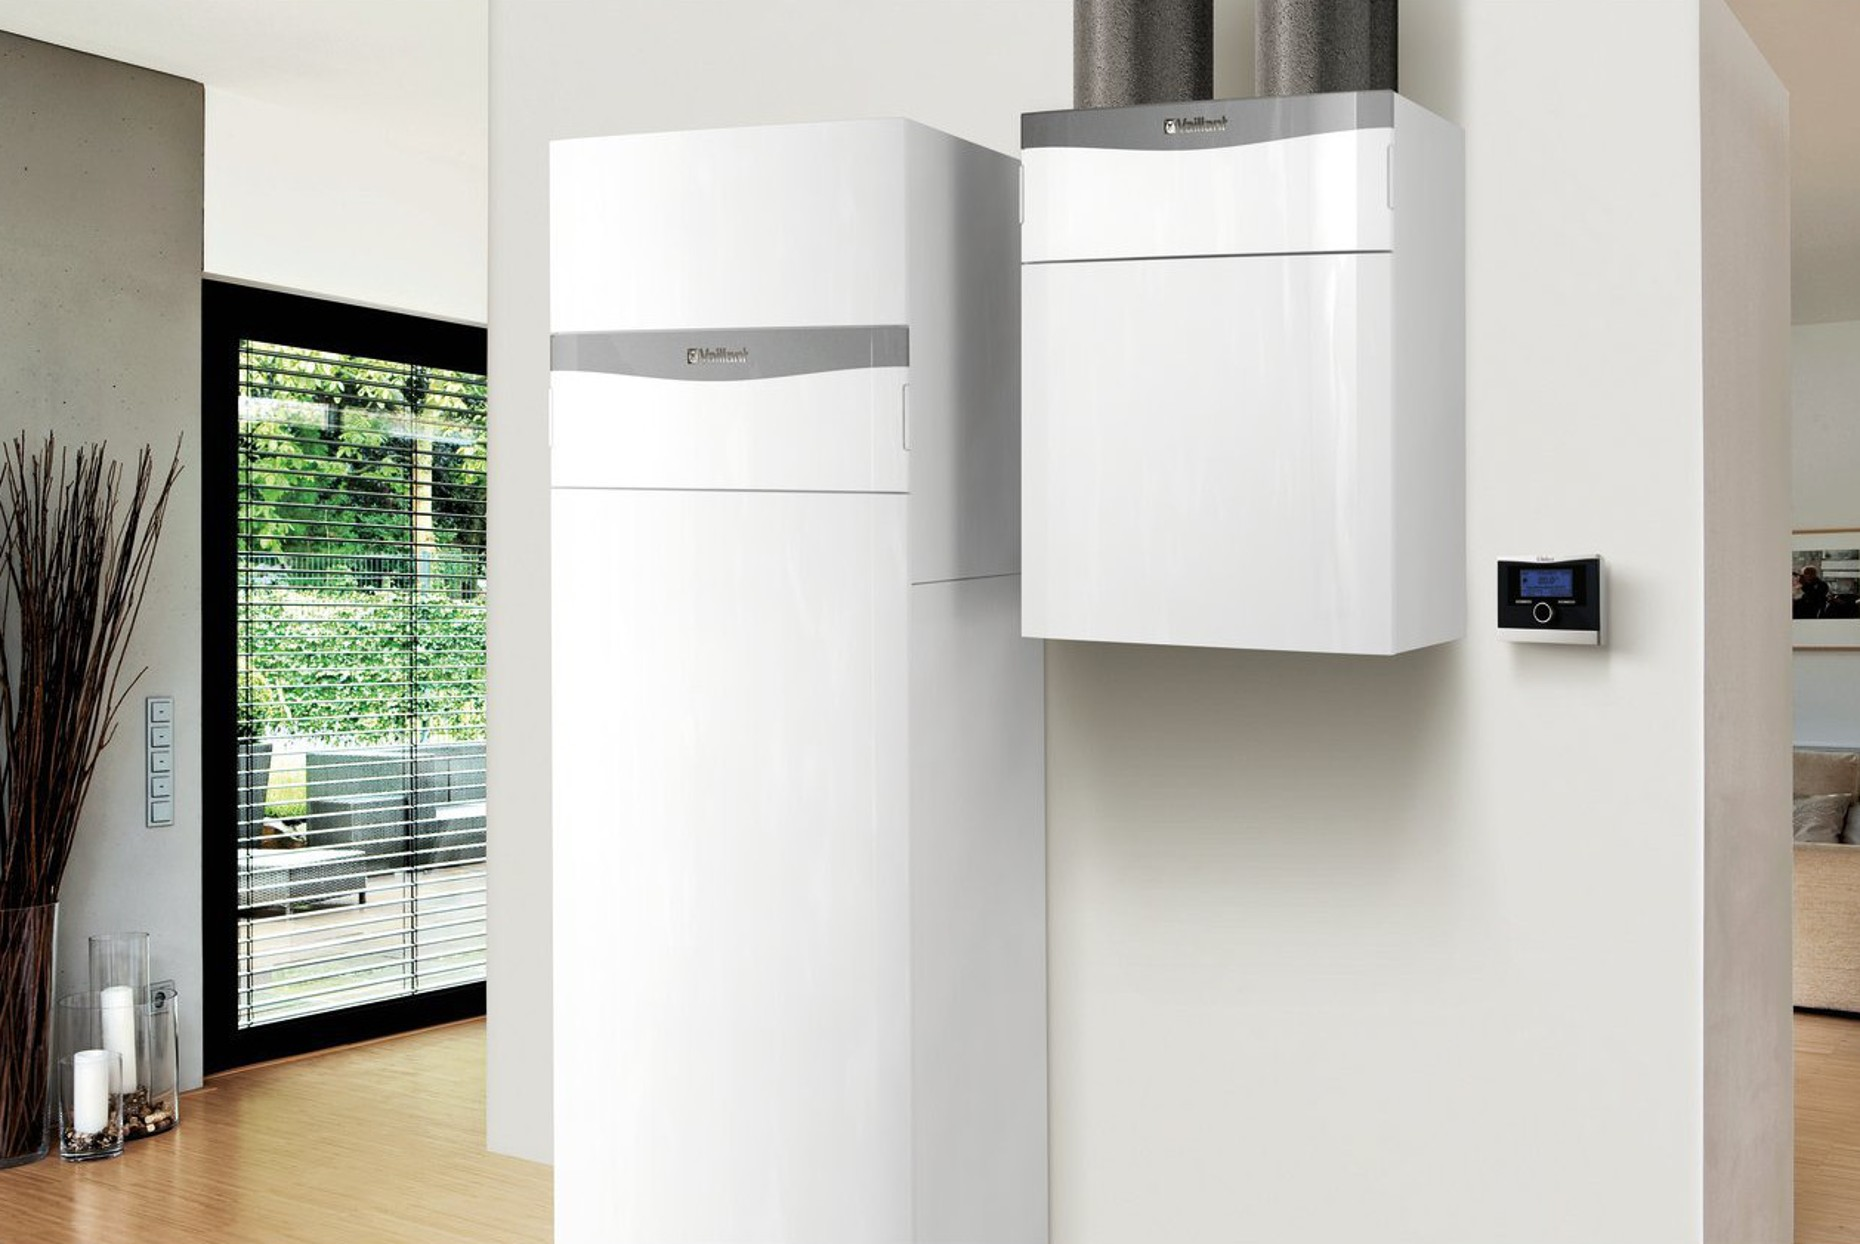 Il Miglior Sistema Di Riscaldamento sistema di ventilazione meccanica controllata recovair